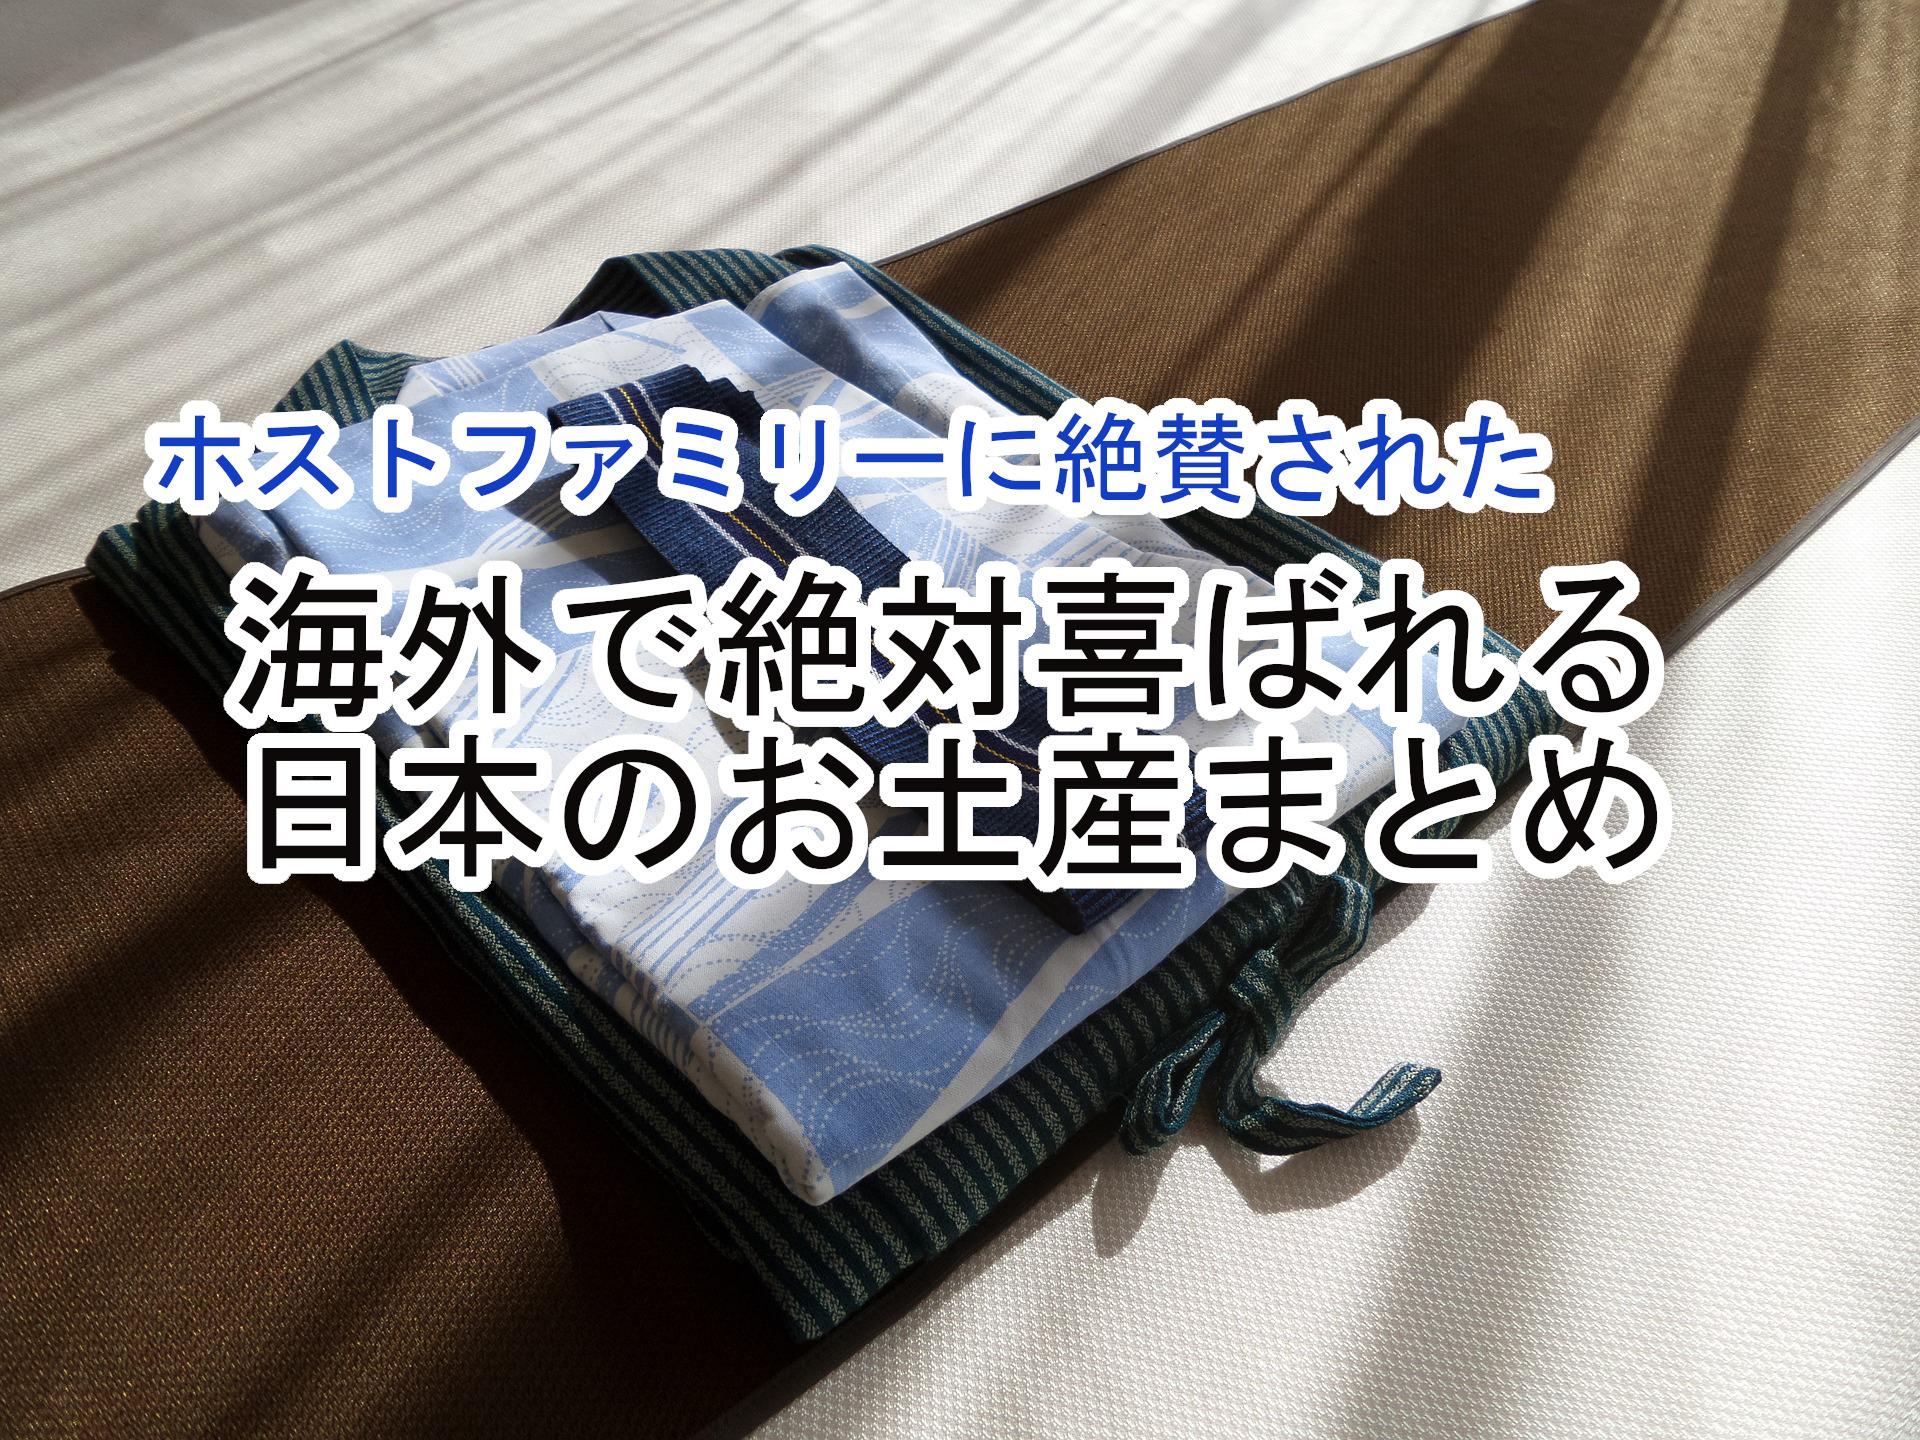 ホストファミリーに絶賛された海外で喜ばれる日本のお土産まとめ